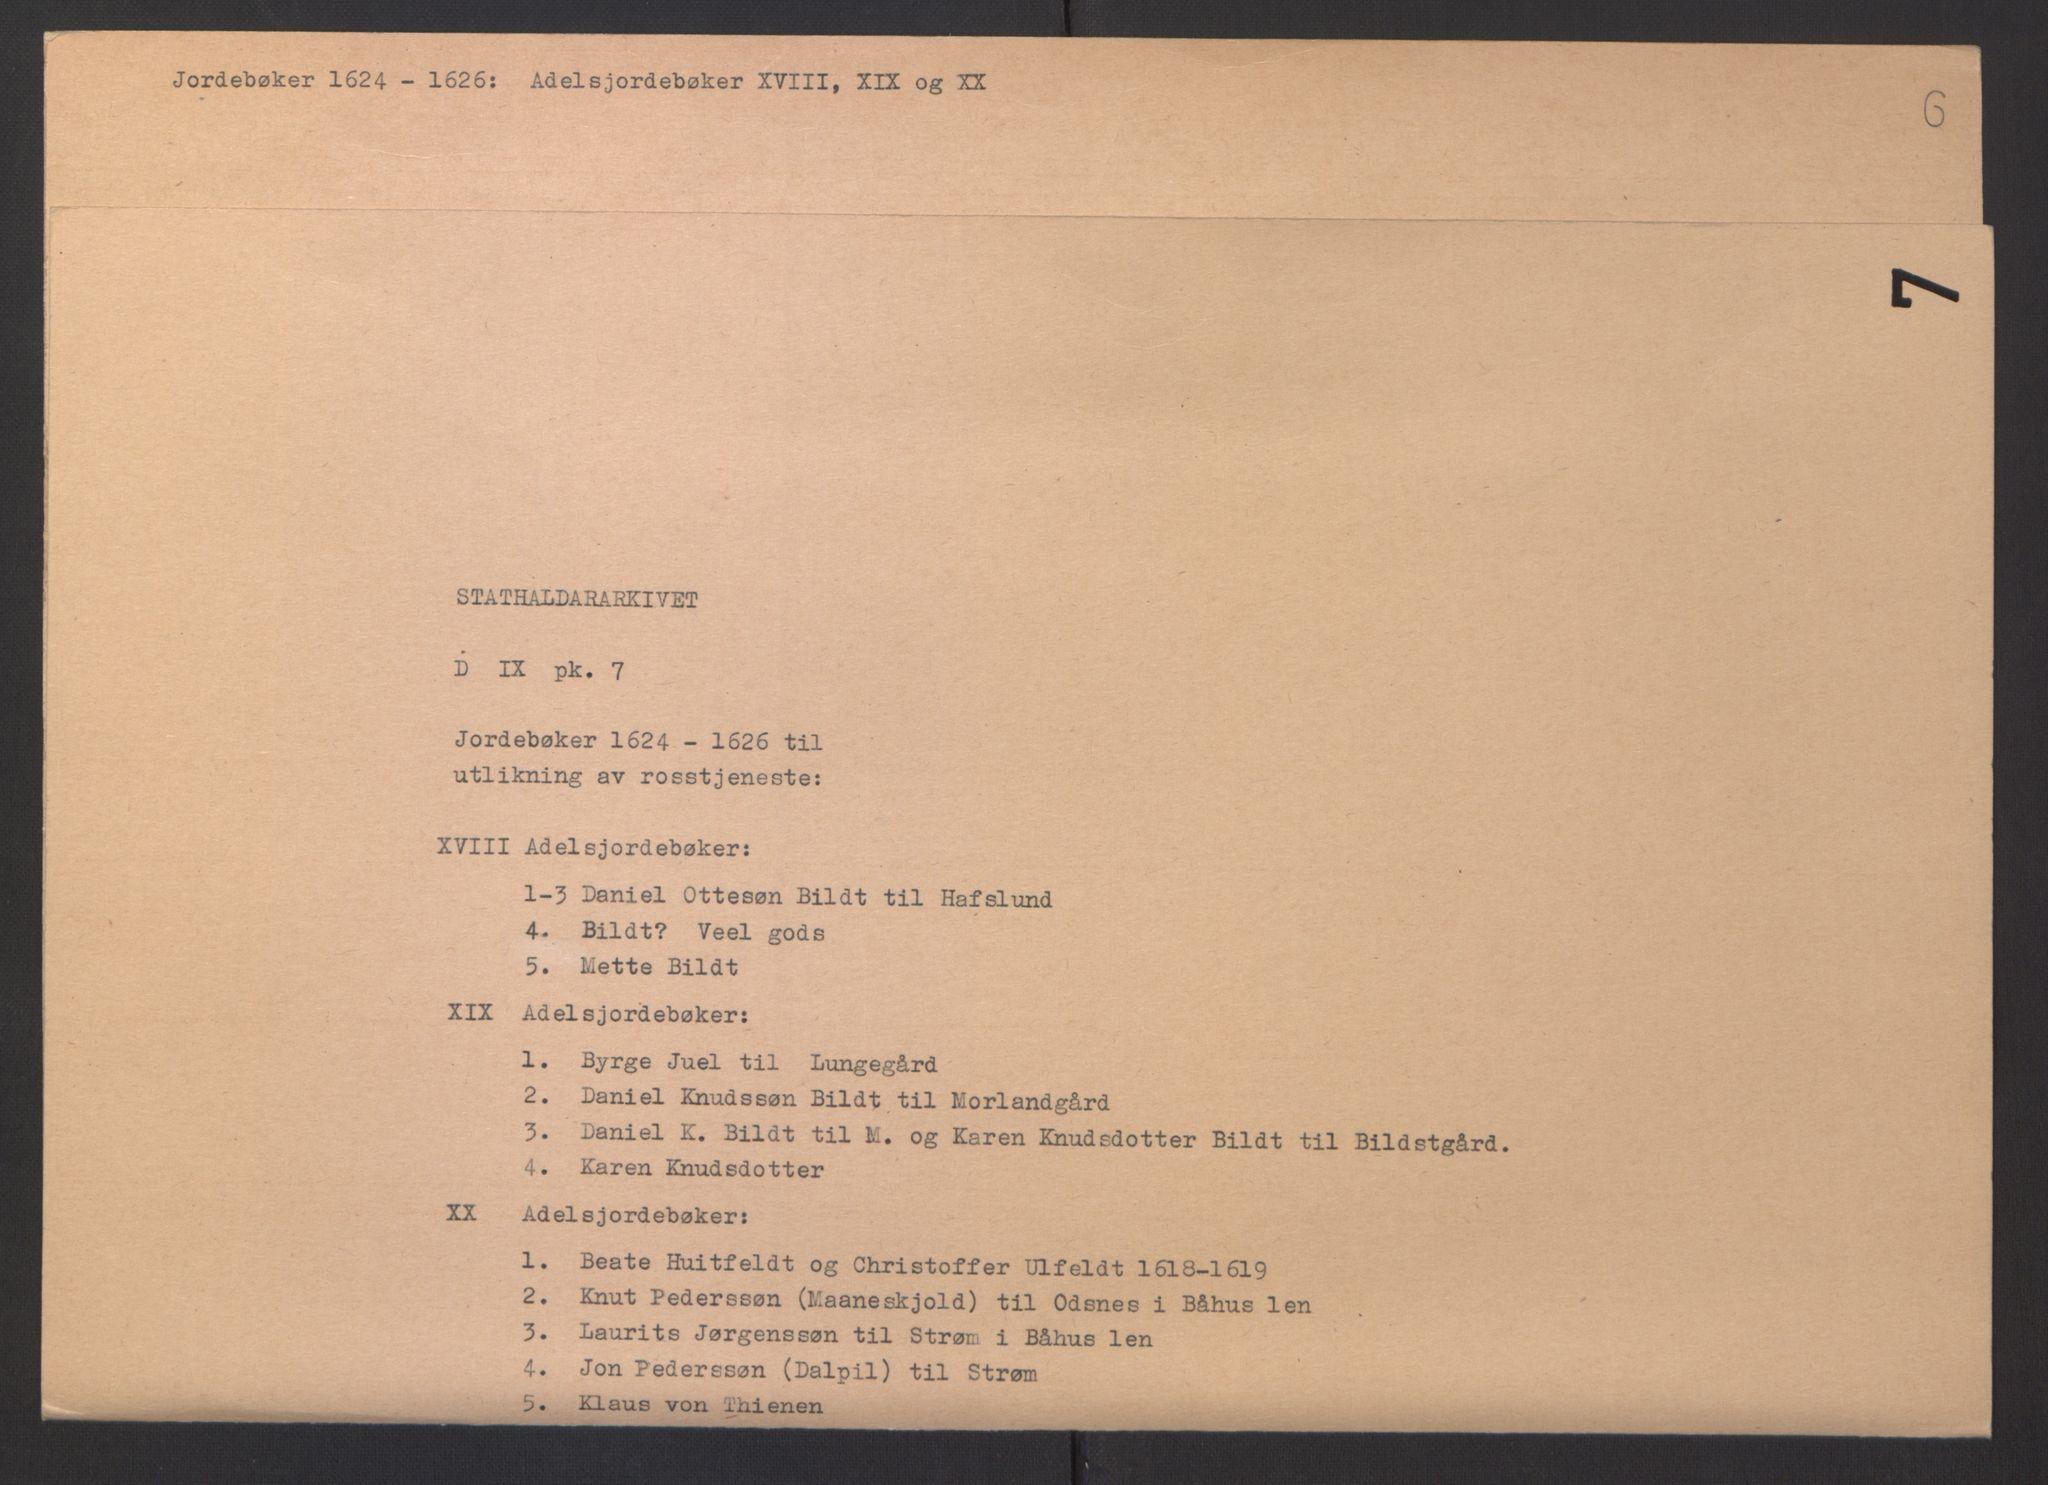 RA, Stattholderembetet 1572-1771, Ek/L0007: Jordebøker til utlikning av rosstjeneste 1624-1626:, 1624-1625, s. 407